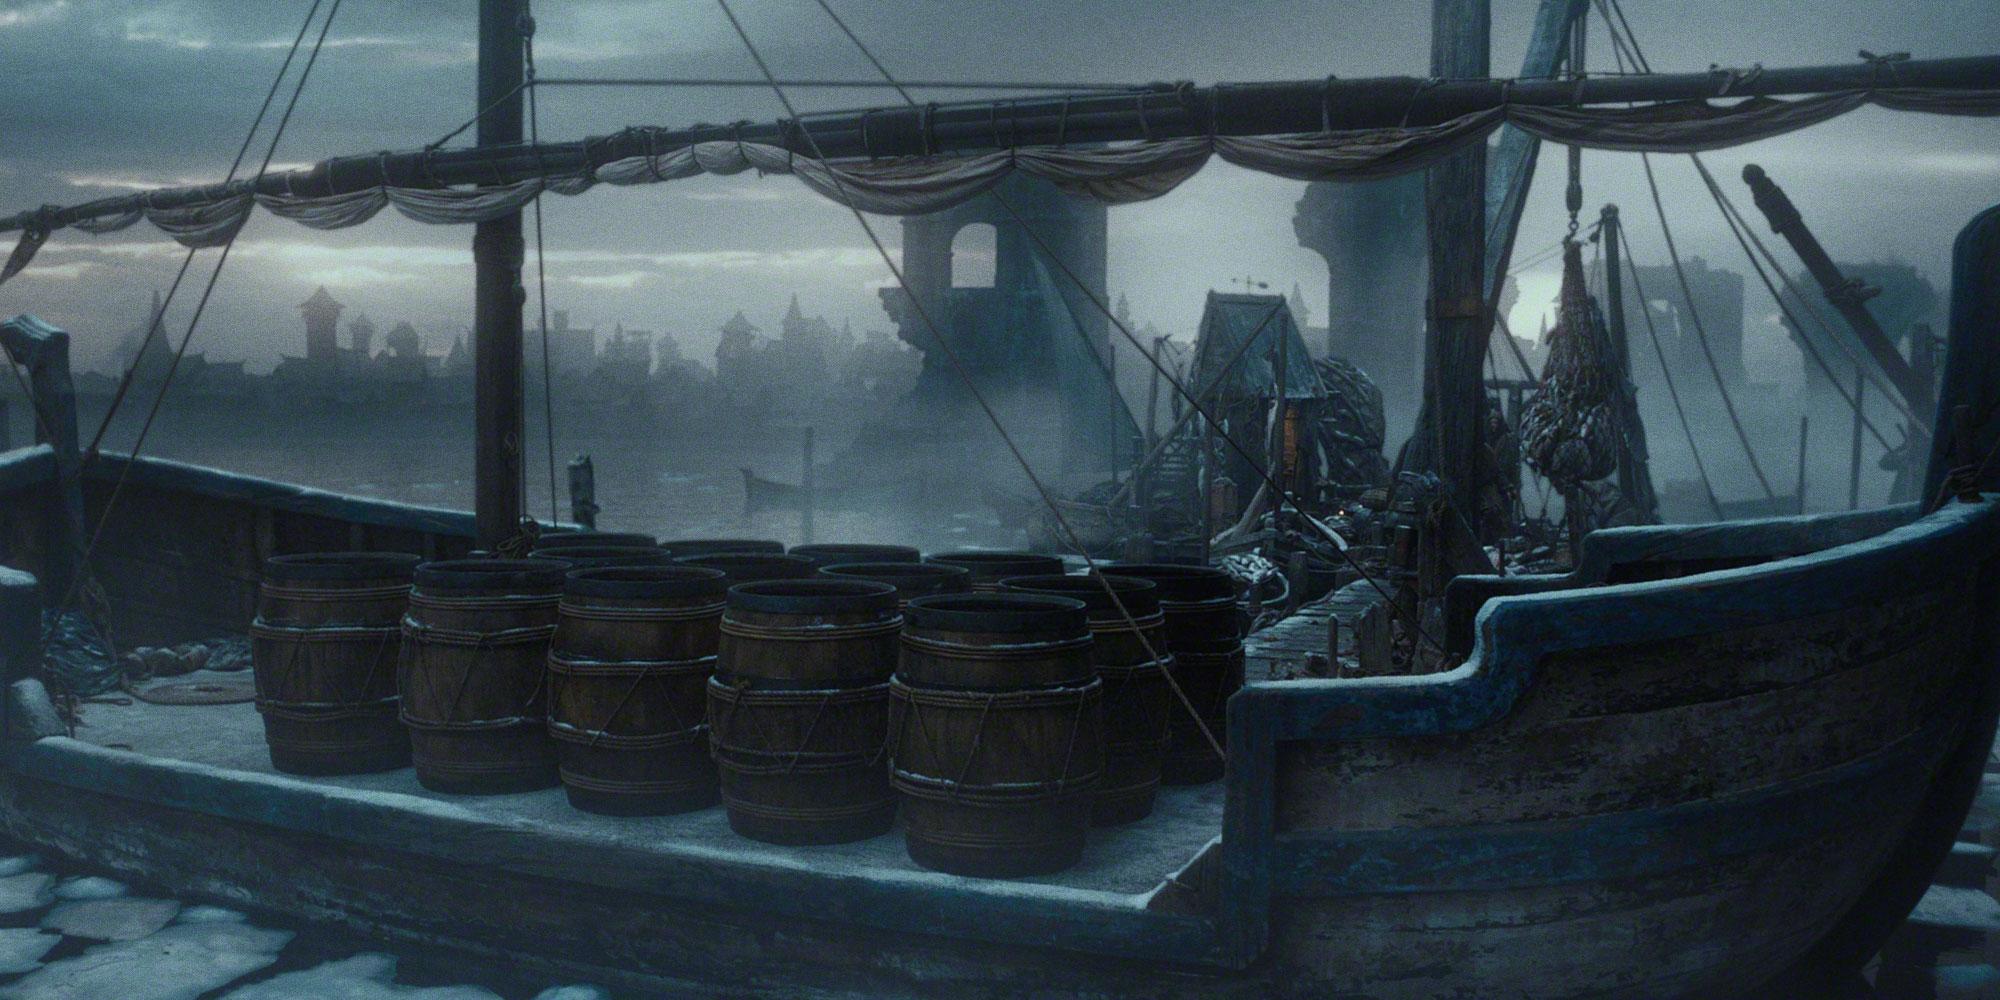 Películas de El Hobbit: noticias y actualidad | El Anillo Único